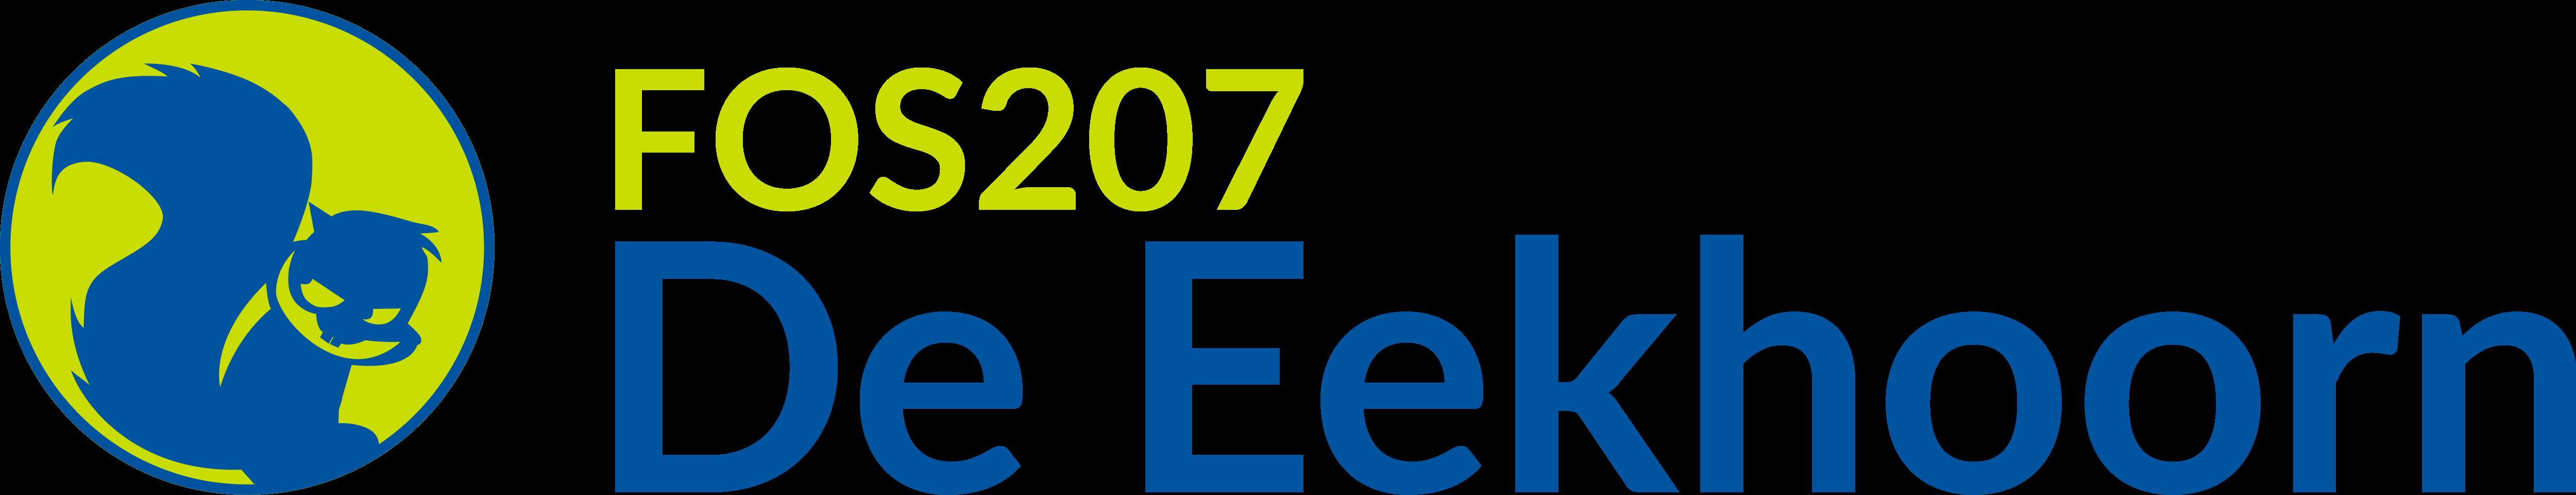 FOS 207 'De Eekhoorn'